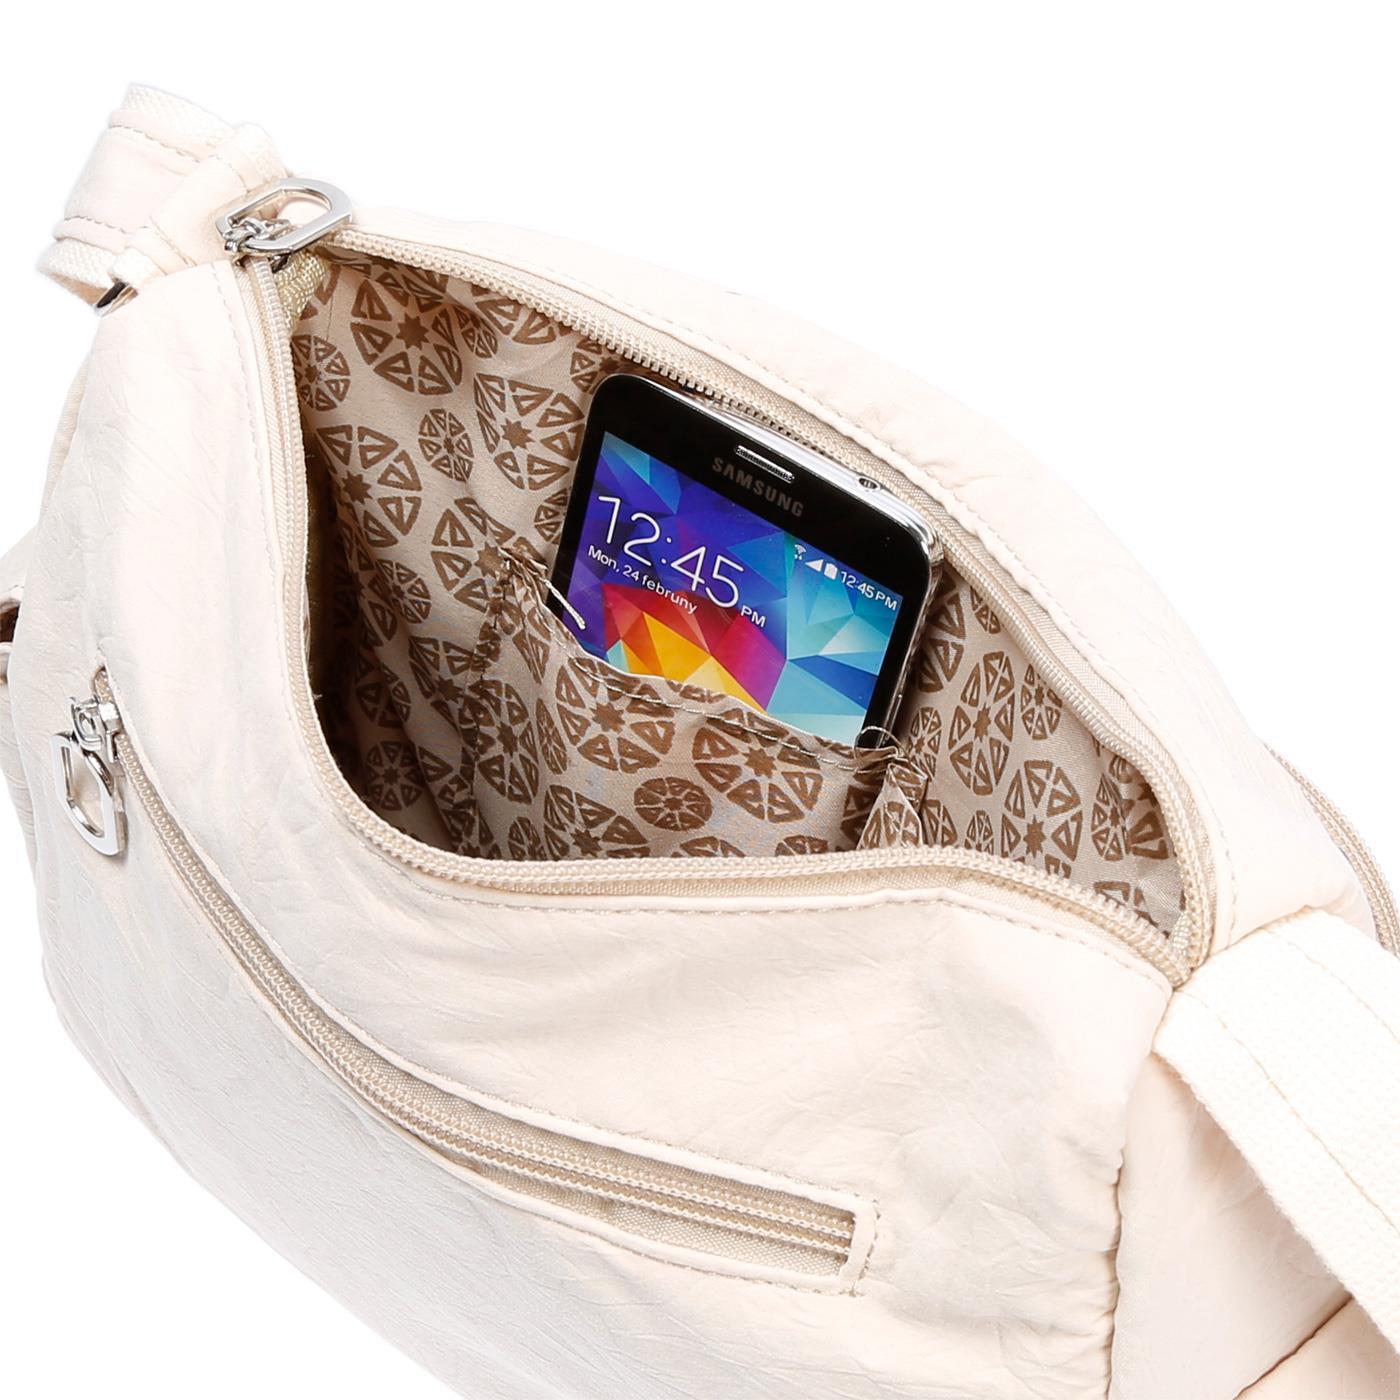 Damenhandtasche-Schultertasche-Tasche-Umhaengetasche-Canvas-Shopper-Crossover-Bag Indexbild 29